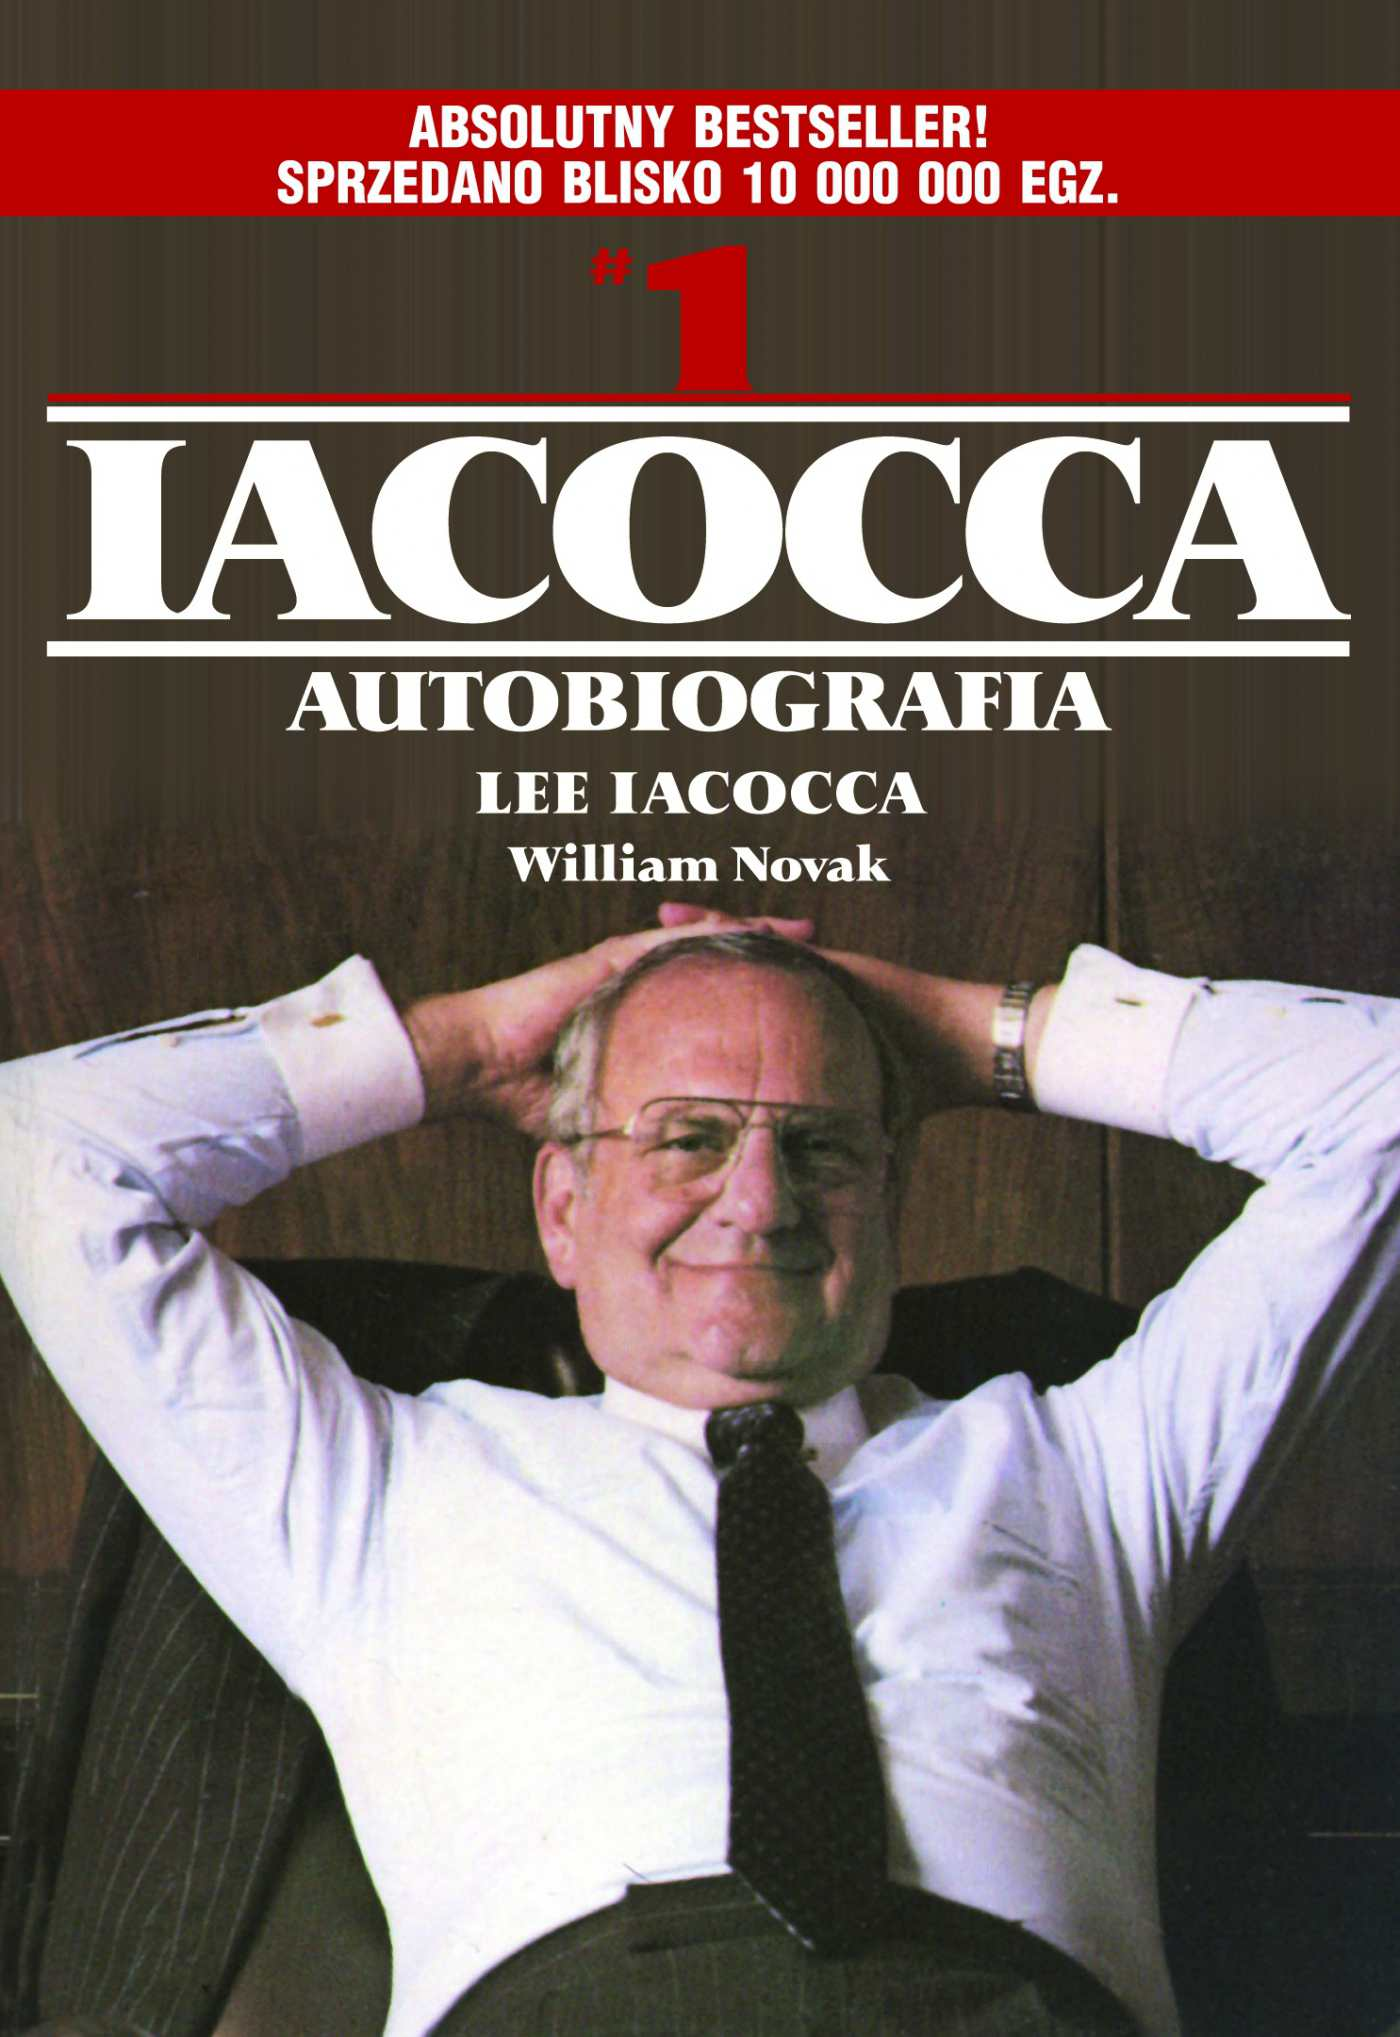 IACOCCA Autobiografia - Ebook (Książka na Kindle) do pobrania w formacie MOBI